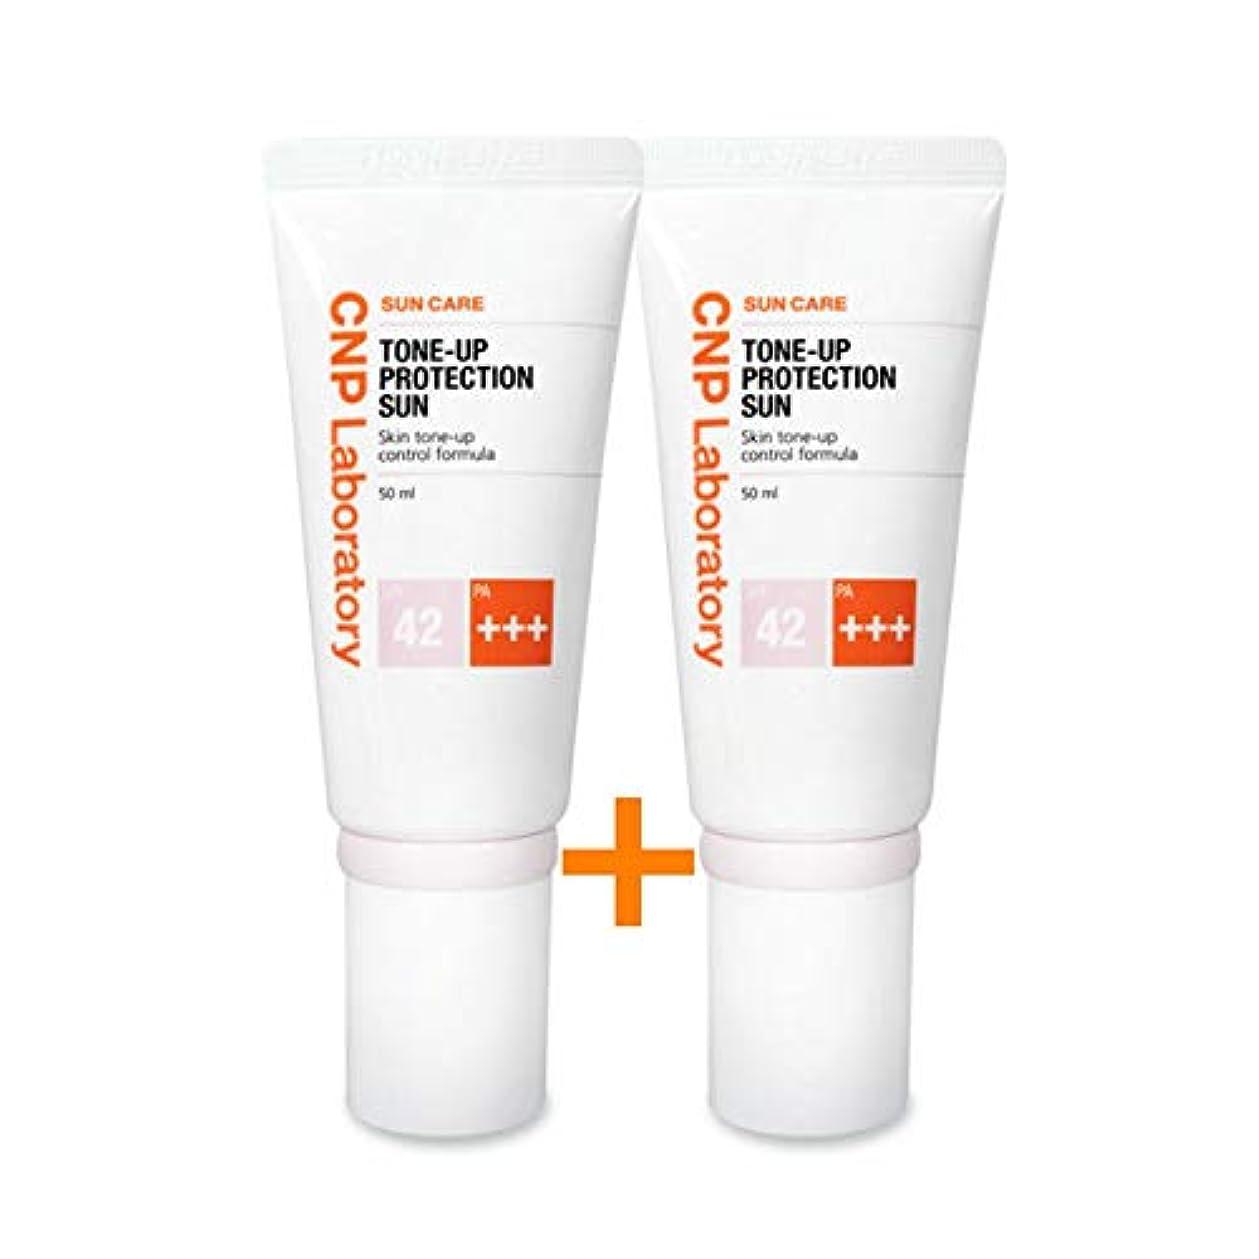 最大突撃他に[ 1 + 1 ] CNPトンオププロテクションサン?クリーム紫外線遮断剤 (SPF42 / PA+++) 50ml、CNP Tone-up Protection Sun Cream (SPF42 / PA+++) 50ml...